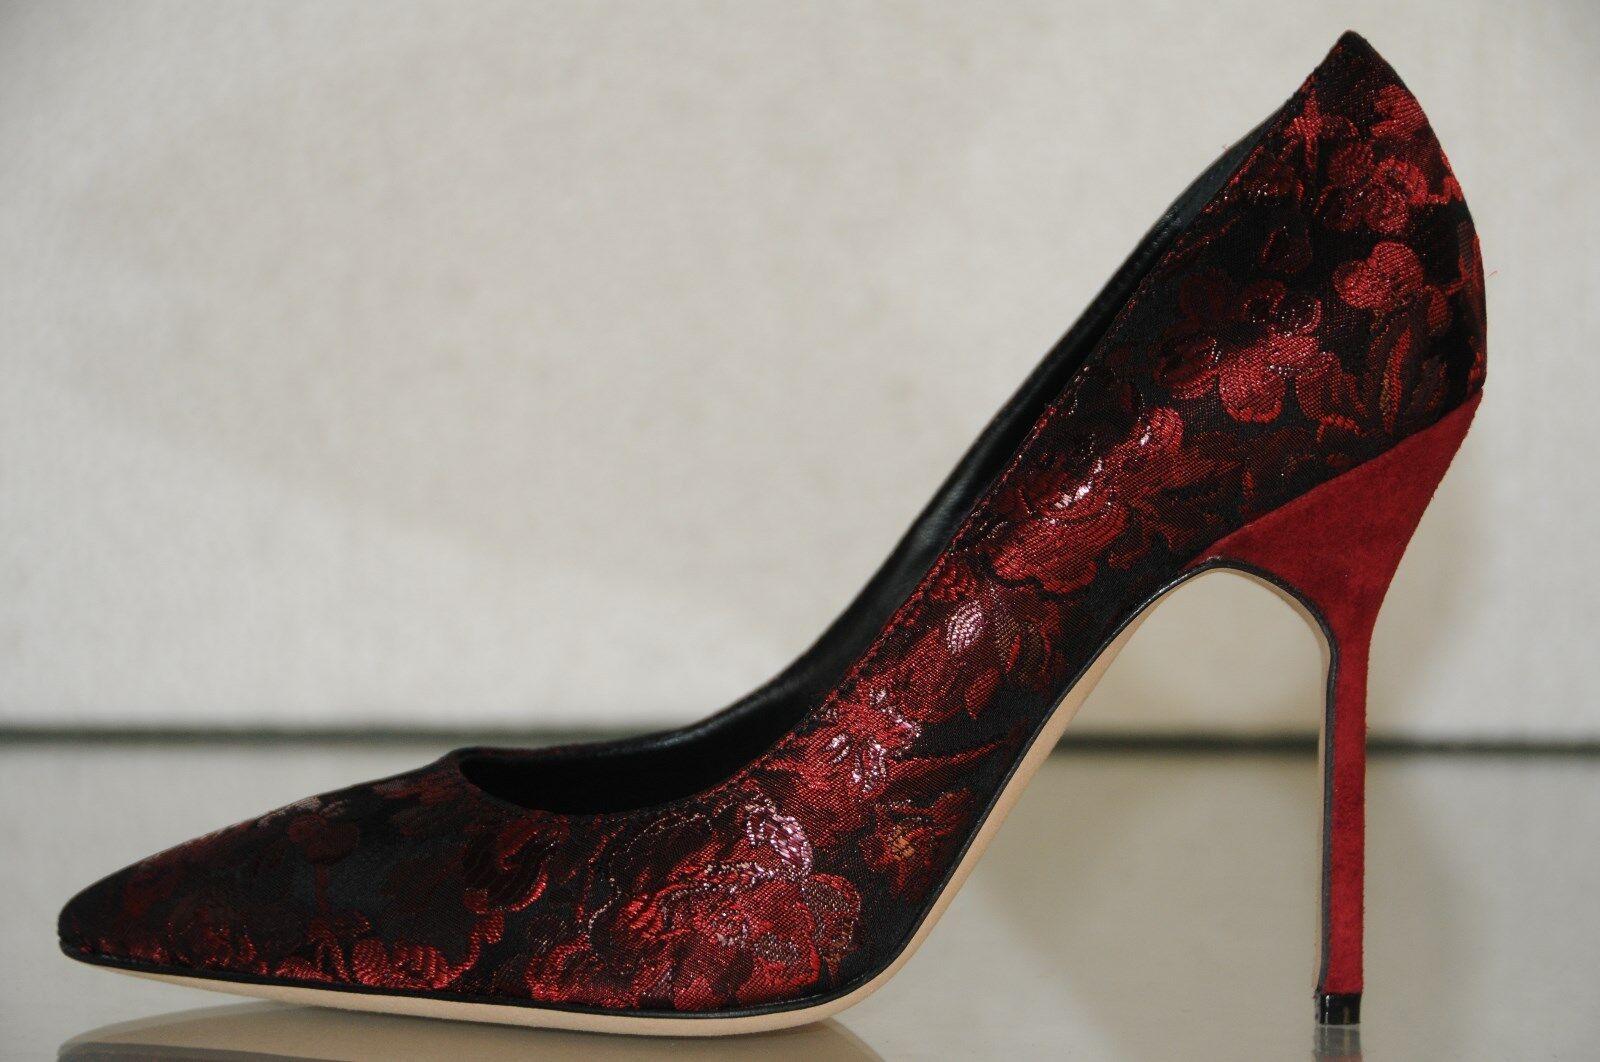 Nuevo De De De Manolo Blahnik Bb relaciones 105 Ruby Rojo Borgoña Negro Brocade Suede zapatos 40.5  Obtén lo ultimo